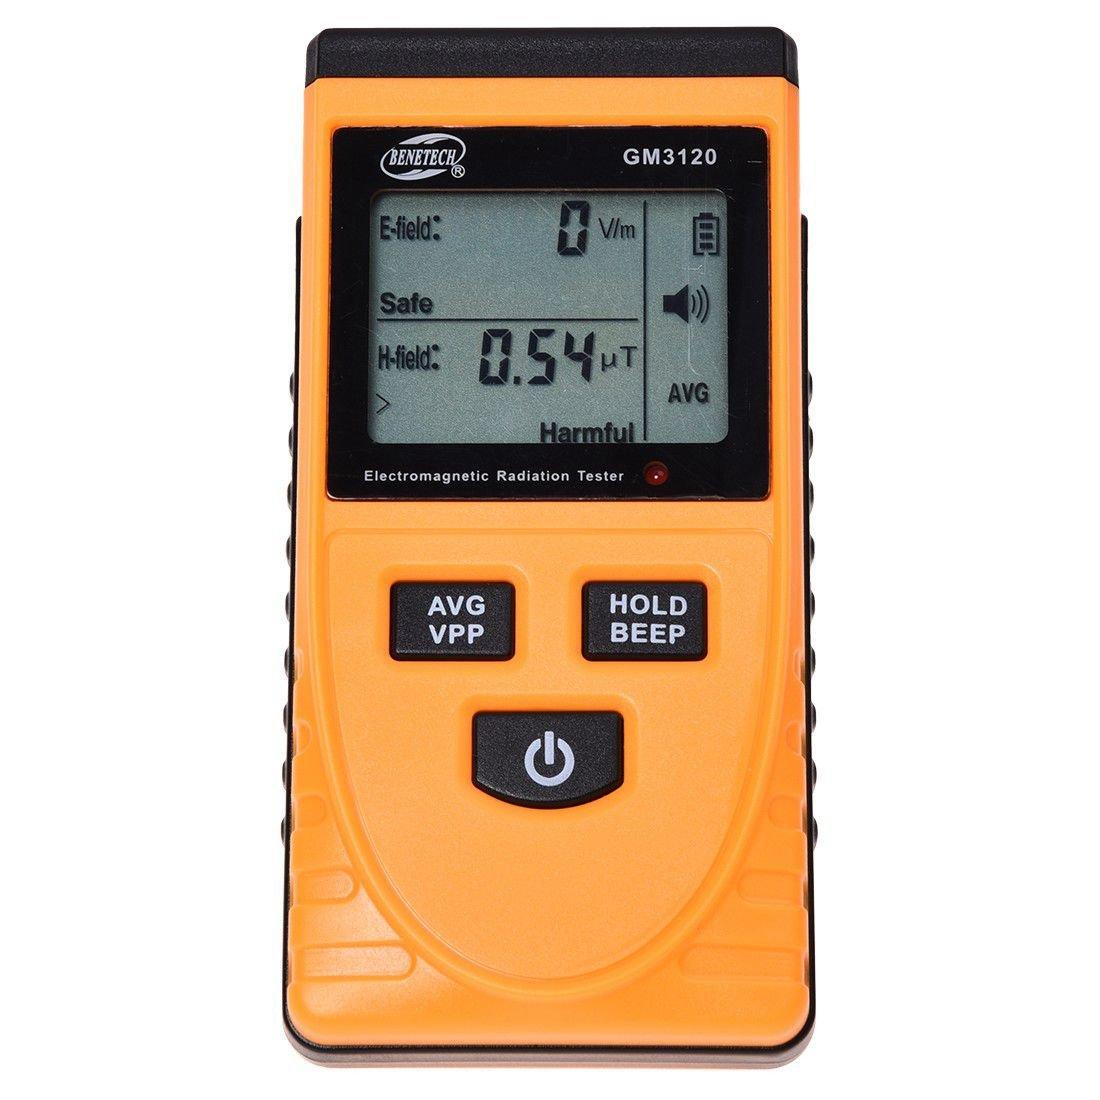 SODIAL GM3120 testeur dosimetre compteur numerique , detecteur de rayonnement electromagnetique